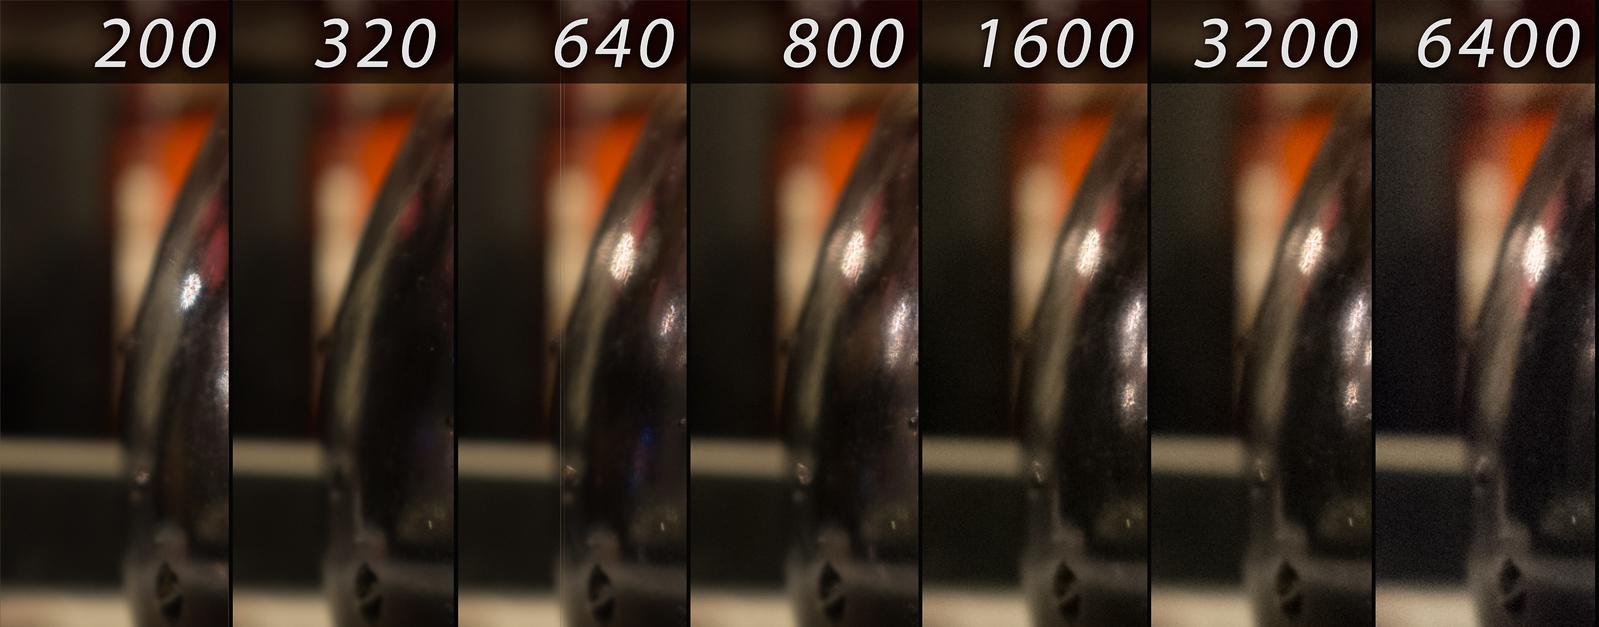 Fuji X100T ISO Test